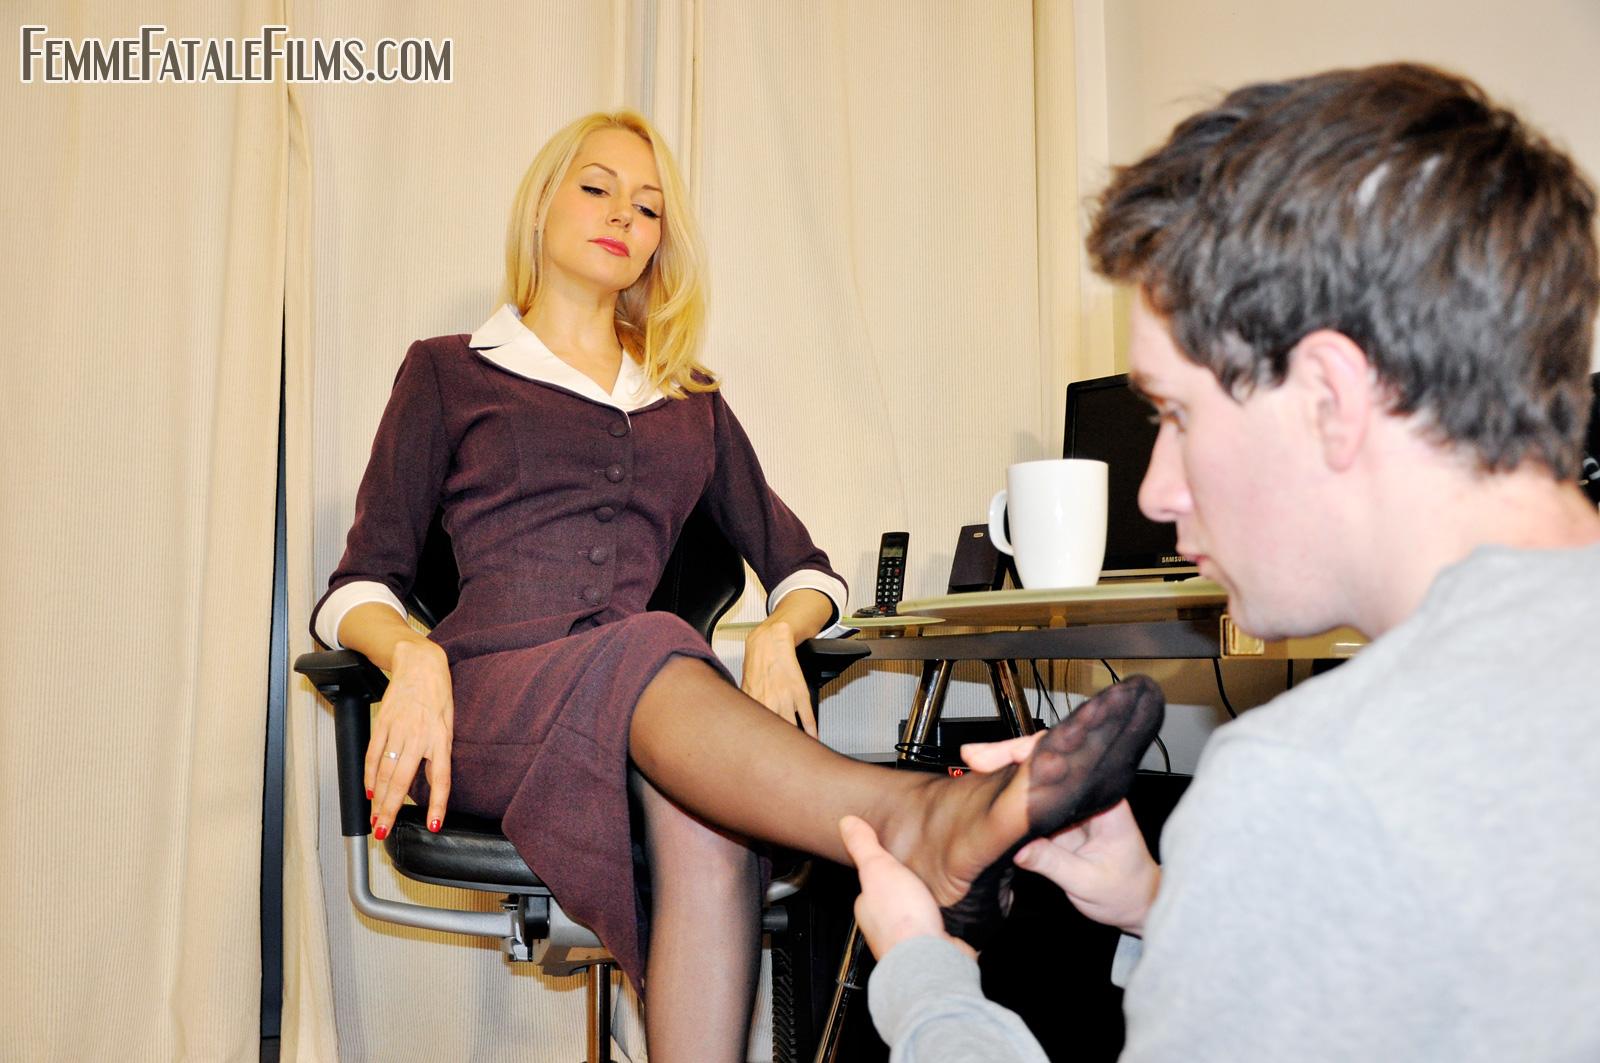 Русские госпожи куколд, Куколд муж лижет сперму - смотреть русское видео 25 фотография